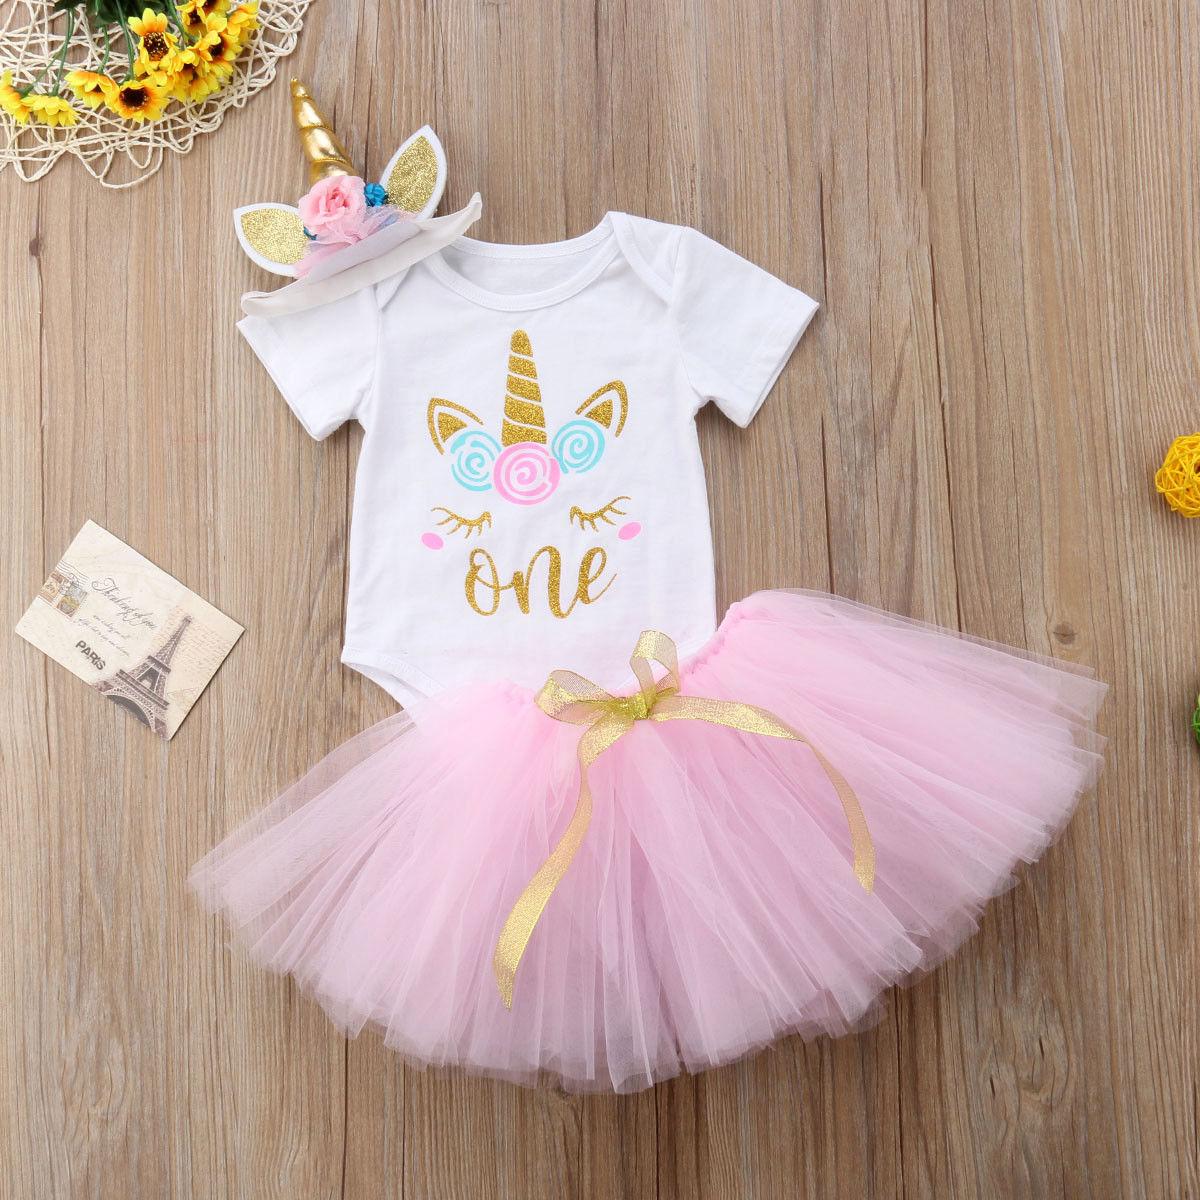 1a25a75e1 3 piezas chicas unicornio vestido de Tutu de princesa fiesta de cumpleaños  de las niñas vestido de los niños traje de Halloween mameluco + vestido ...